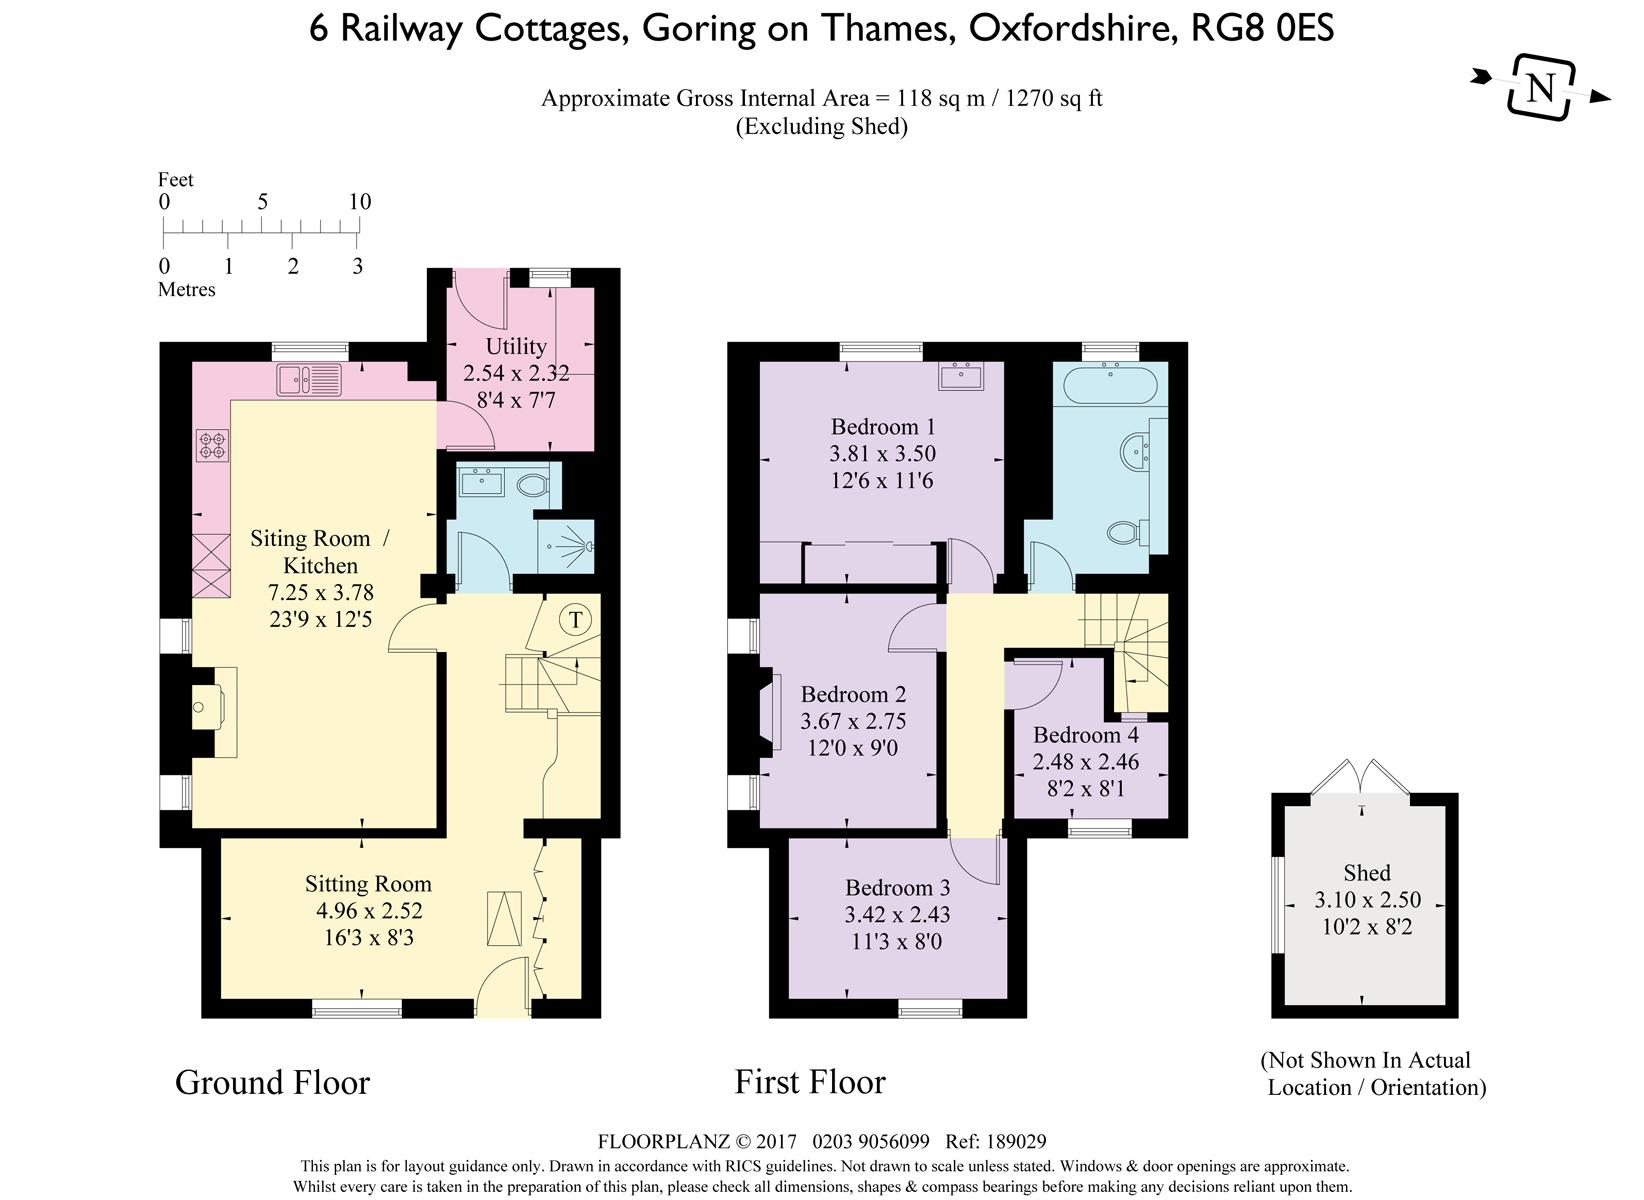 6 Railway Cottages Goring On Thames Rg8 4 Bedroom End